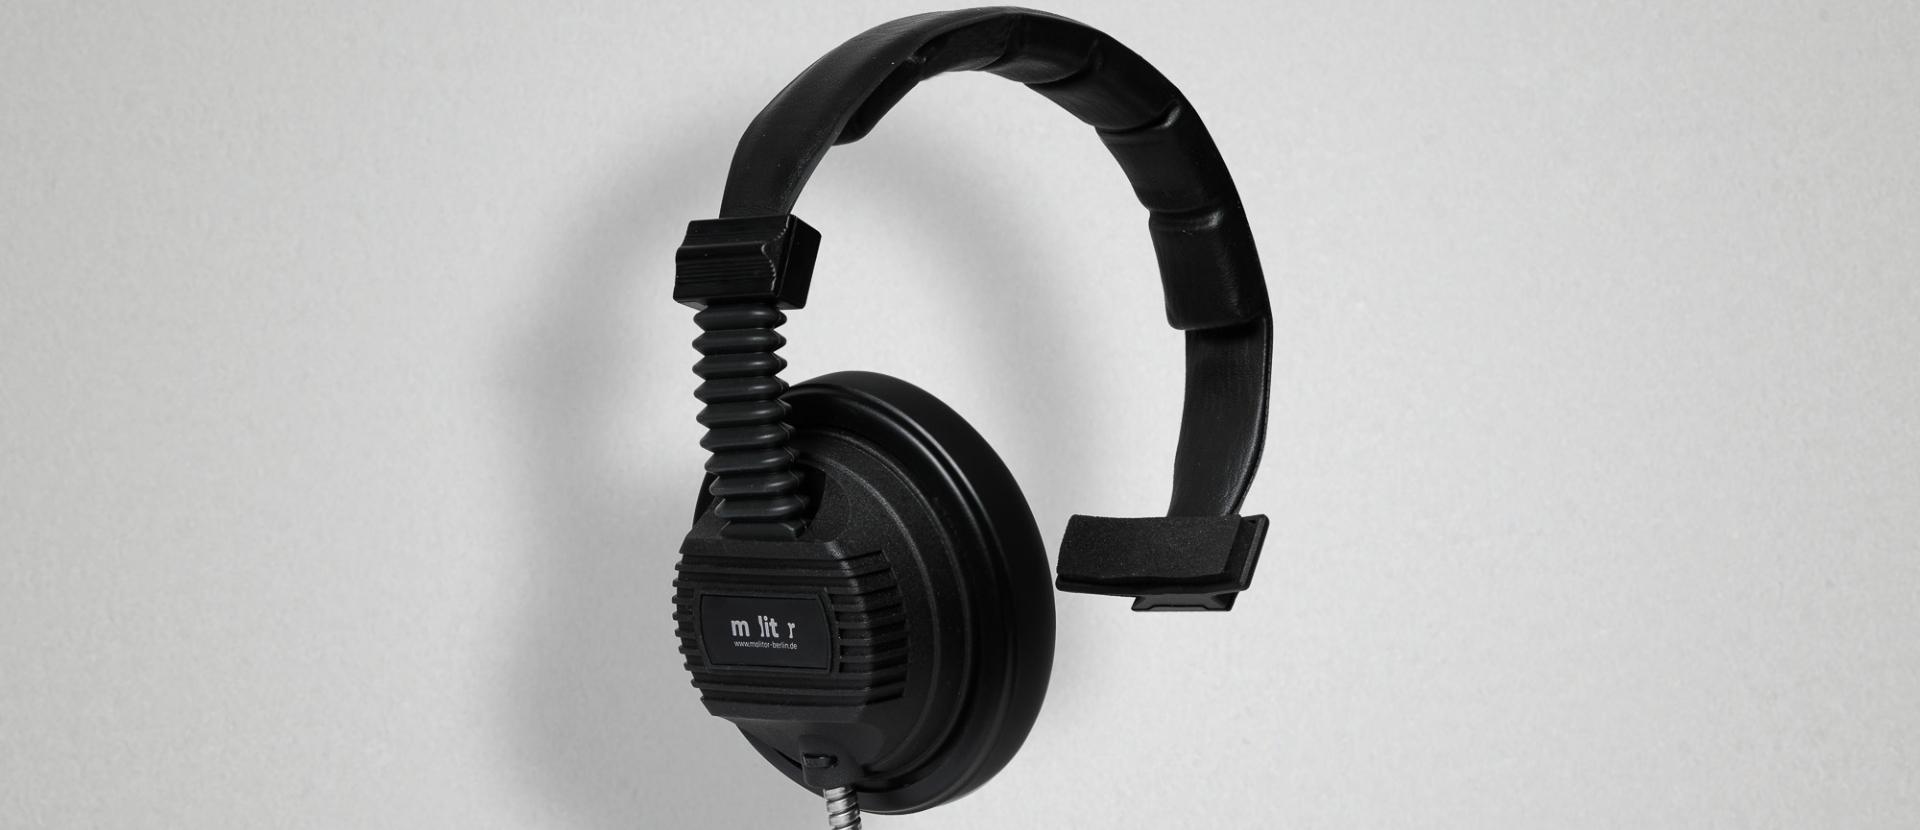 Einseiteiger Kopfhörer